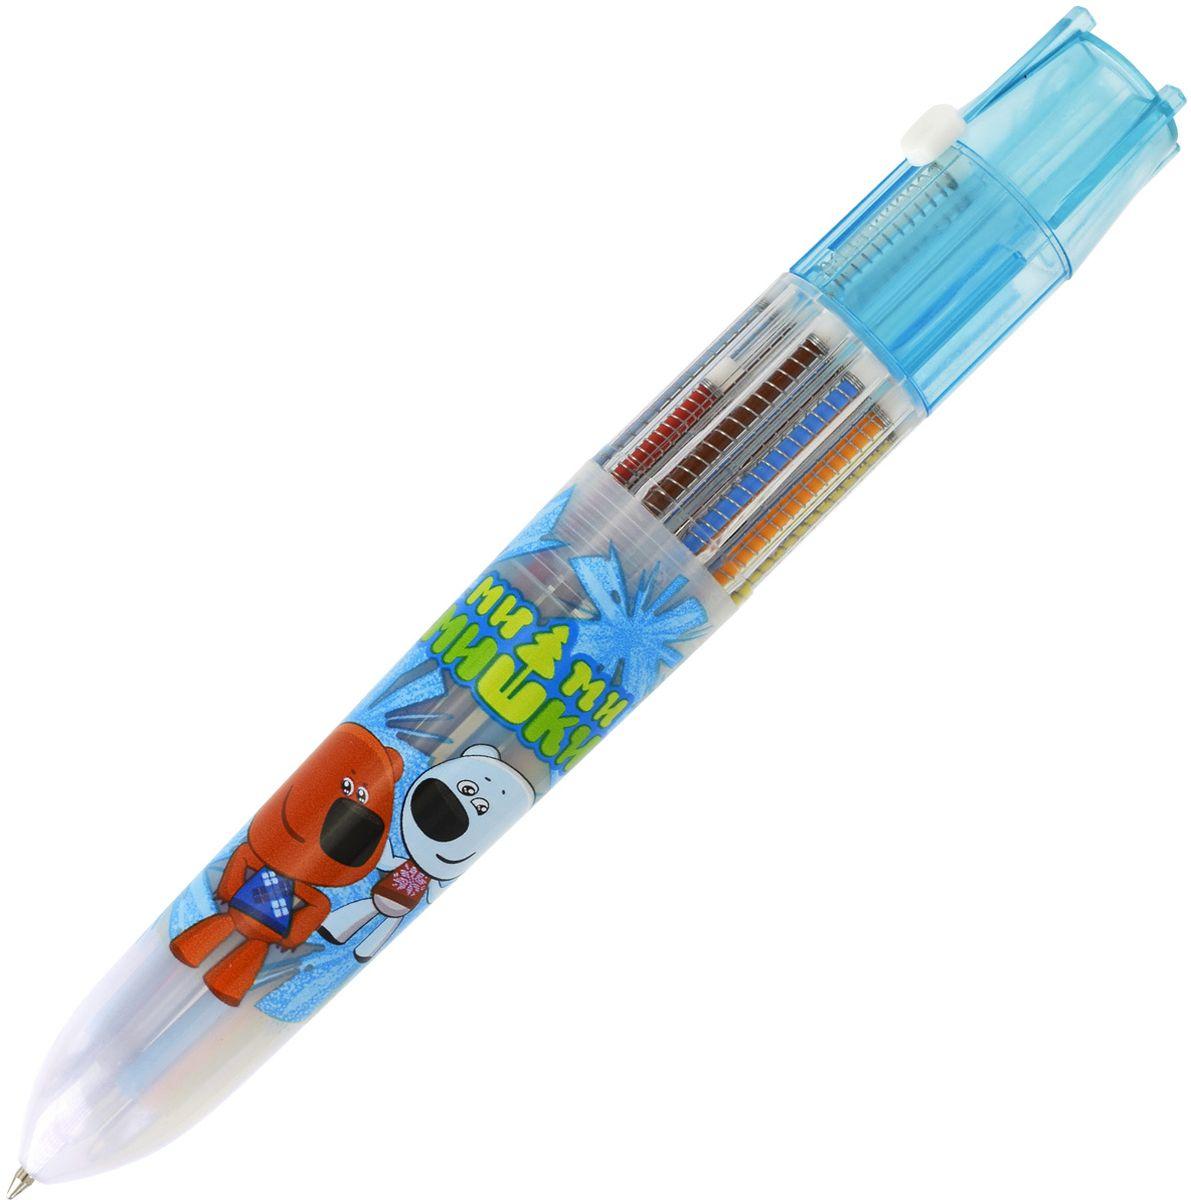 Action! Ручка шариковая Fancy 10 цветовFBP201/10/BПластиковый прозрачный корпус. 10 цветов в одной ручке: голубой, синий, красный, коричневый, зеленый, желтый, оранжевый, розовый, черный, сиреневый. Диаметр шарика - 0,7 мм